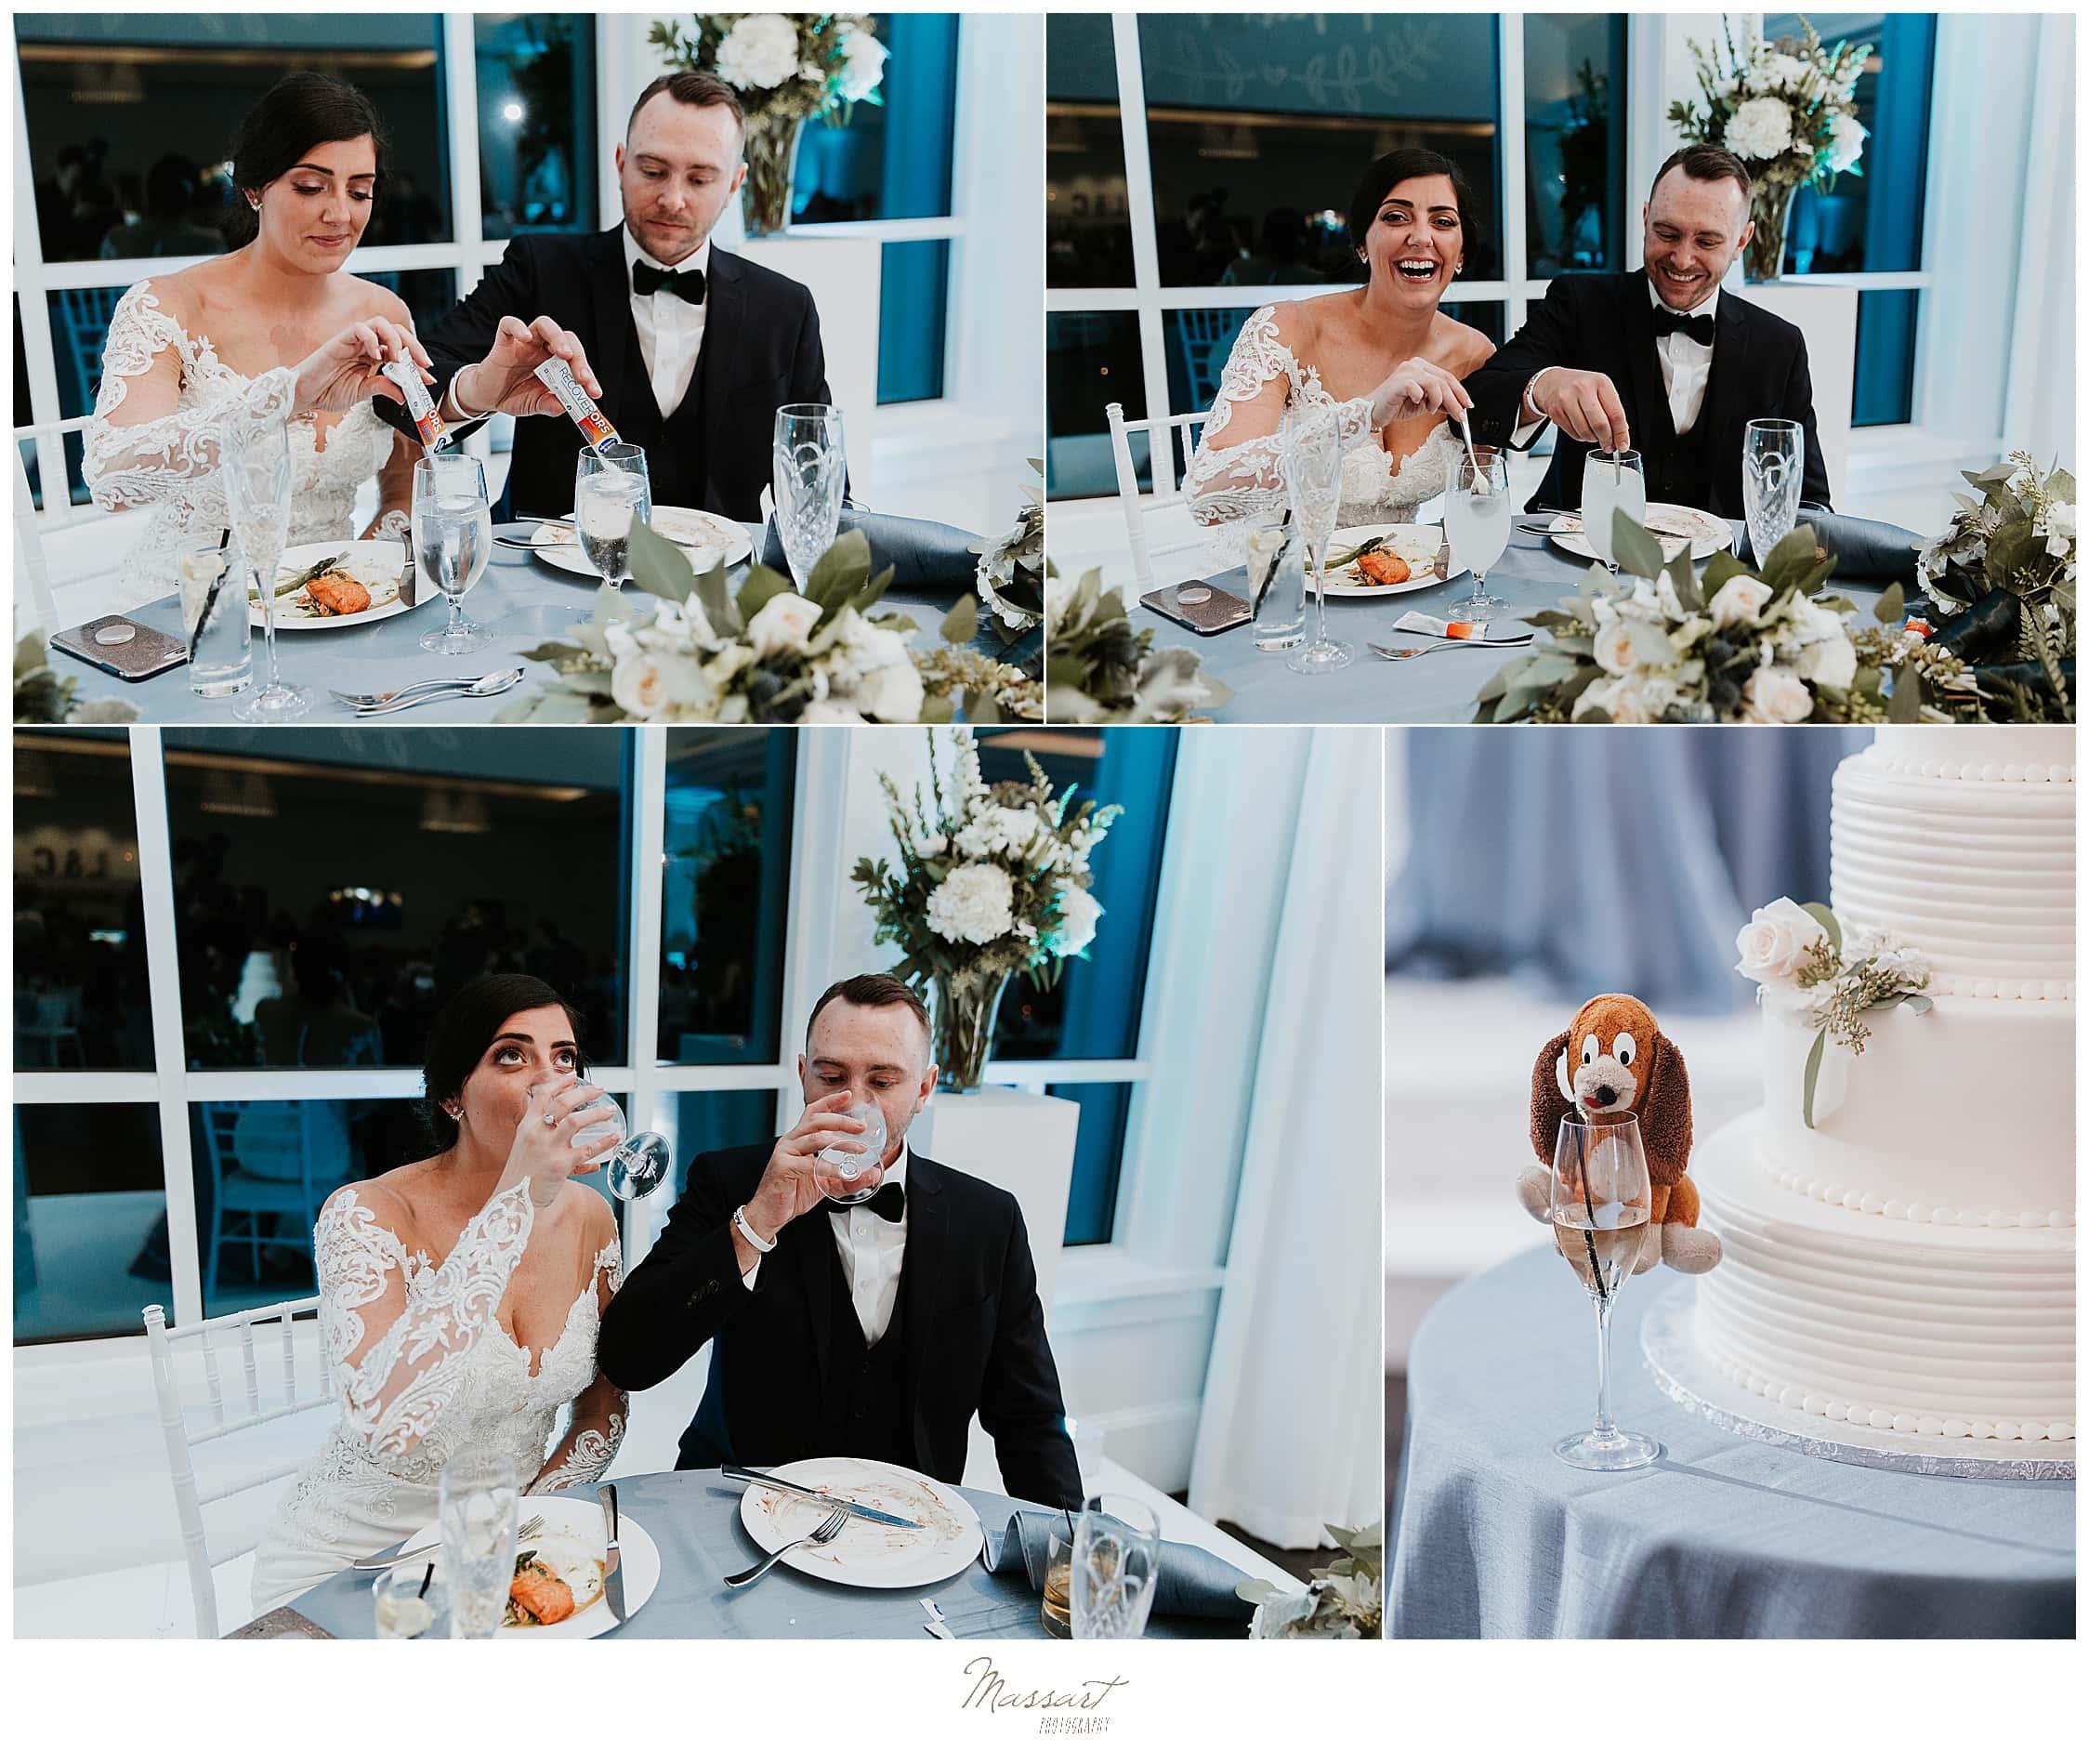 Massart Photography photographs toasts during MA wedding day